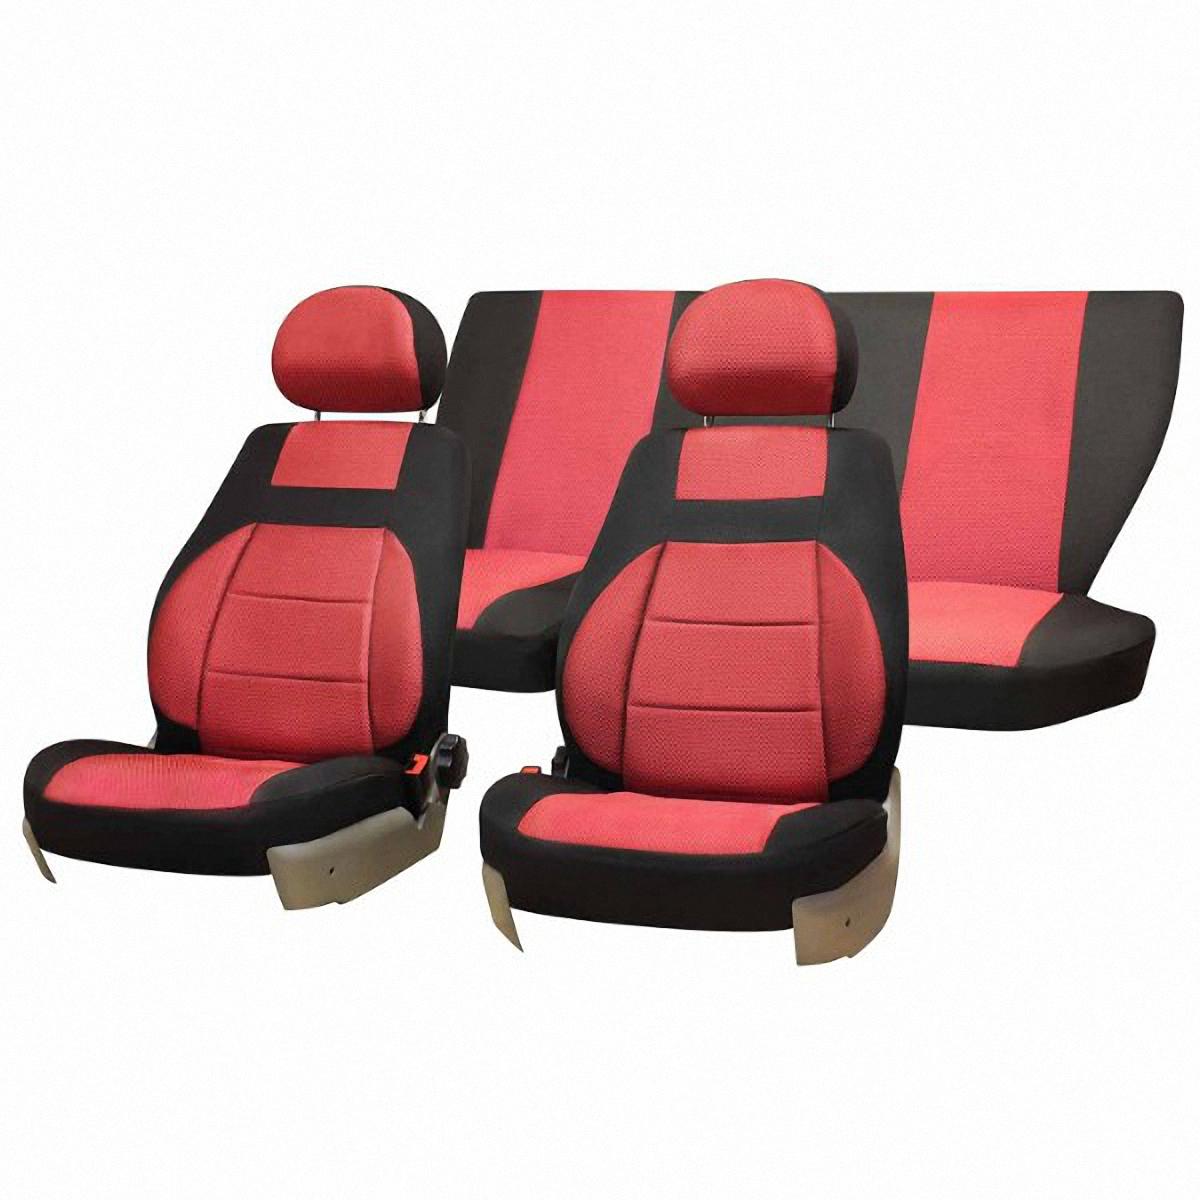 Чехлы автомобильные Skyway, для ВАЗ-2109/21099, цвет: красныйV007-D3Автомобильные чехлы Skyway изготовлены из качественного жаккарда. Чехлы идеально повторяют штатную форму сидений и выглядят как оригинальная обивка сидений. Разработаны индивидуально для каждой модели автомобиля. Авточехлы Skyway просты в уходе - загрязнения легко удаляются влажной тканью. Чехлы имеют раздельную схему надевания. В комплекте 8 предметов.